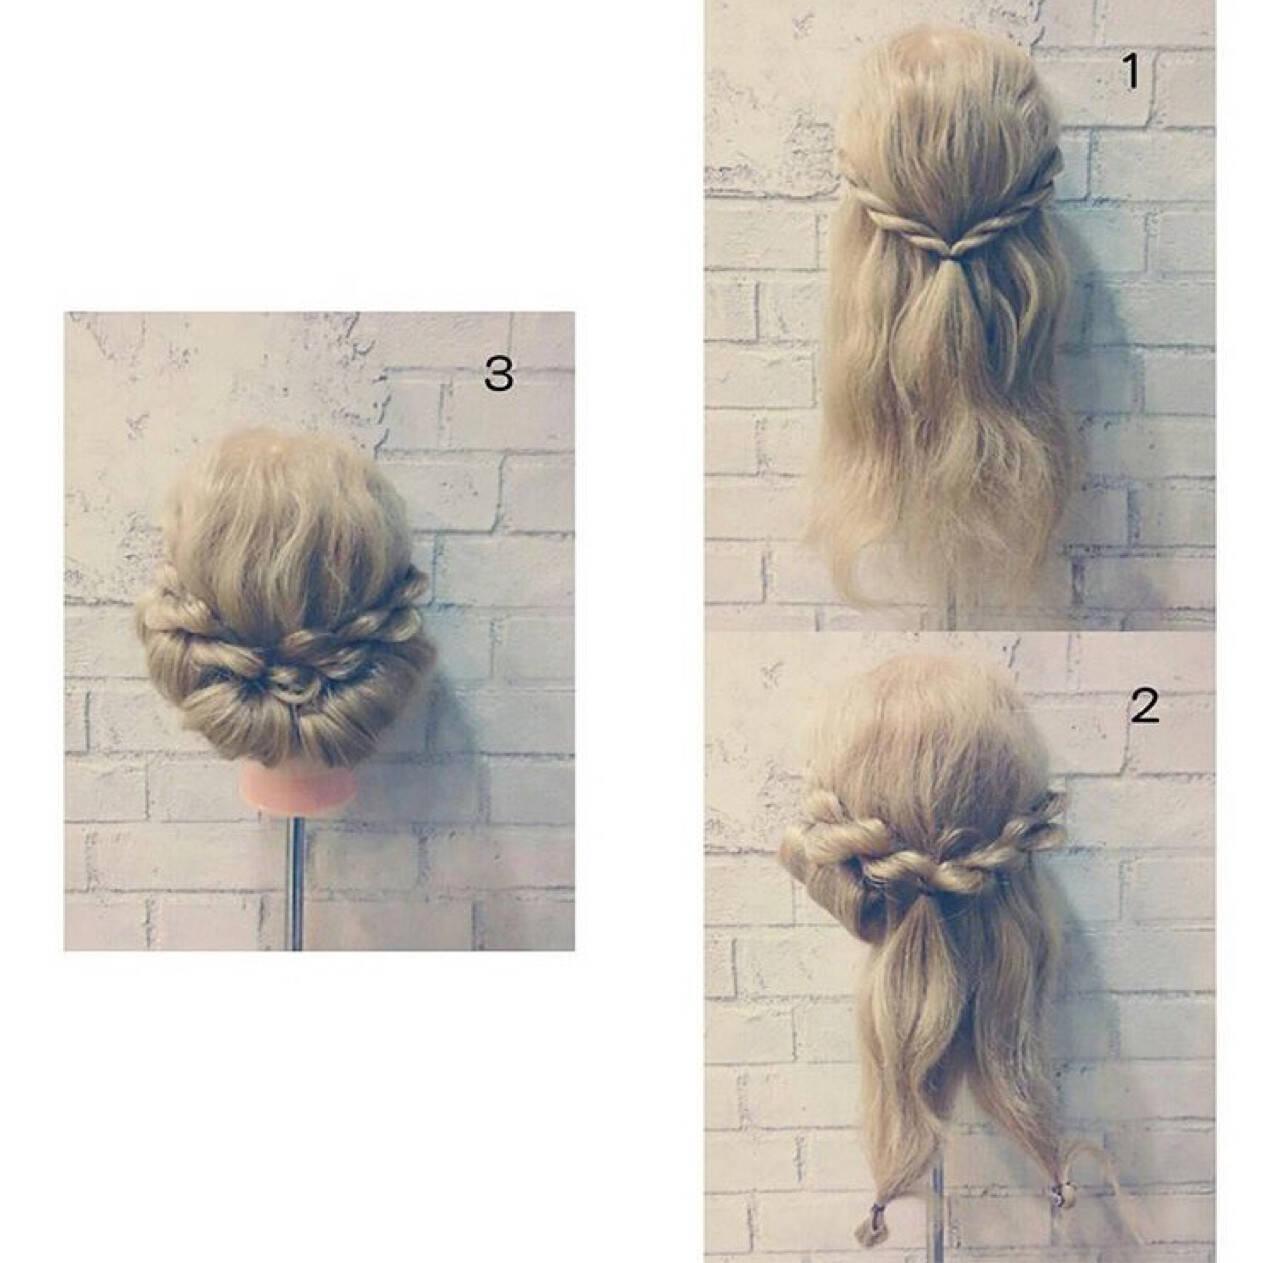 ロング 渋谷系 ヘアアレンジ パーティヘアスタイルや髪型の写真・画像